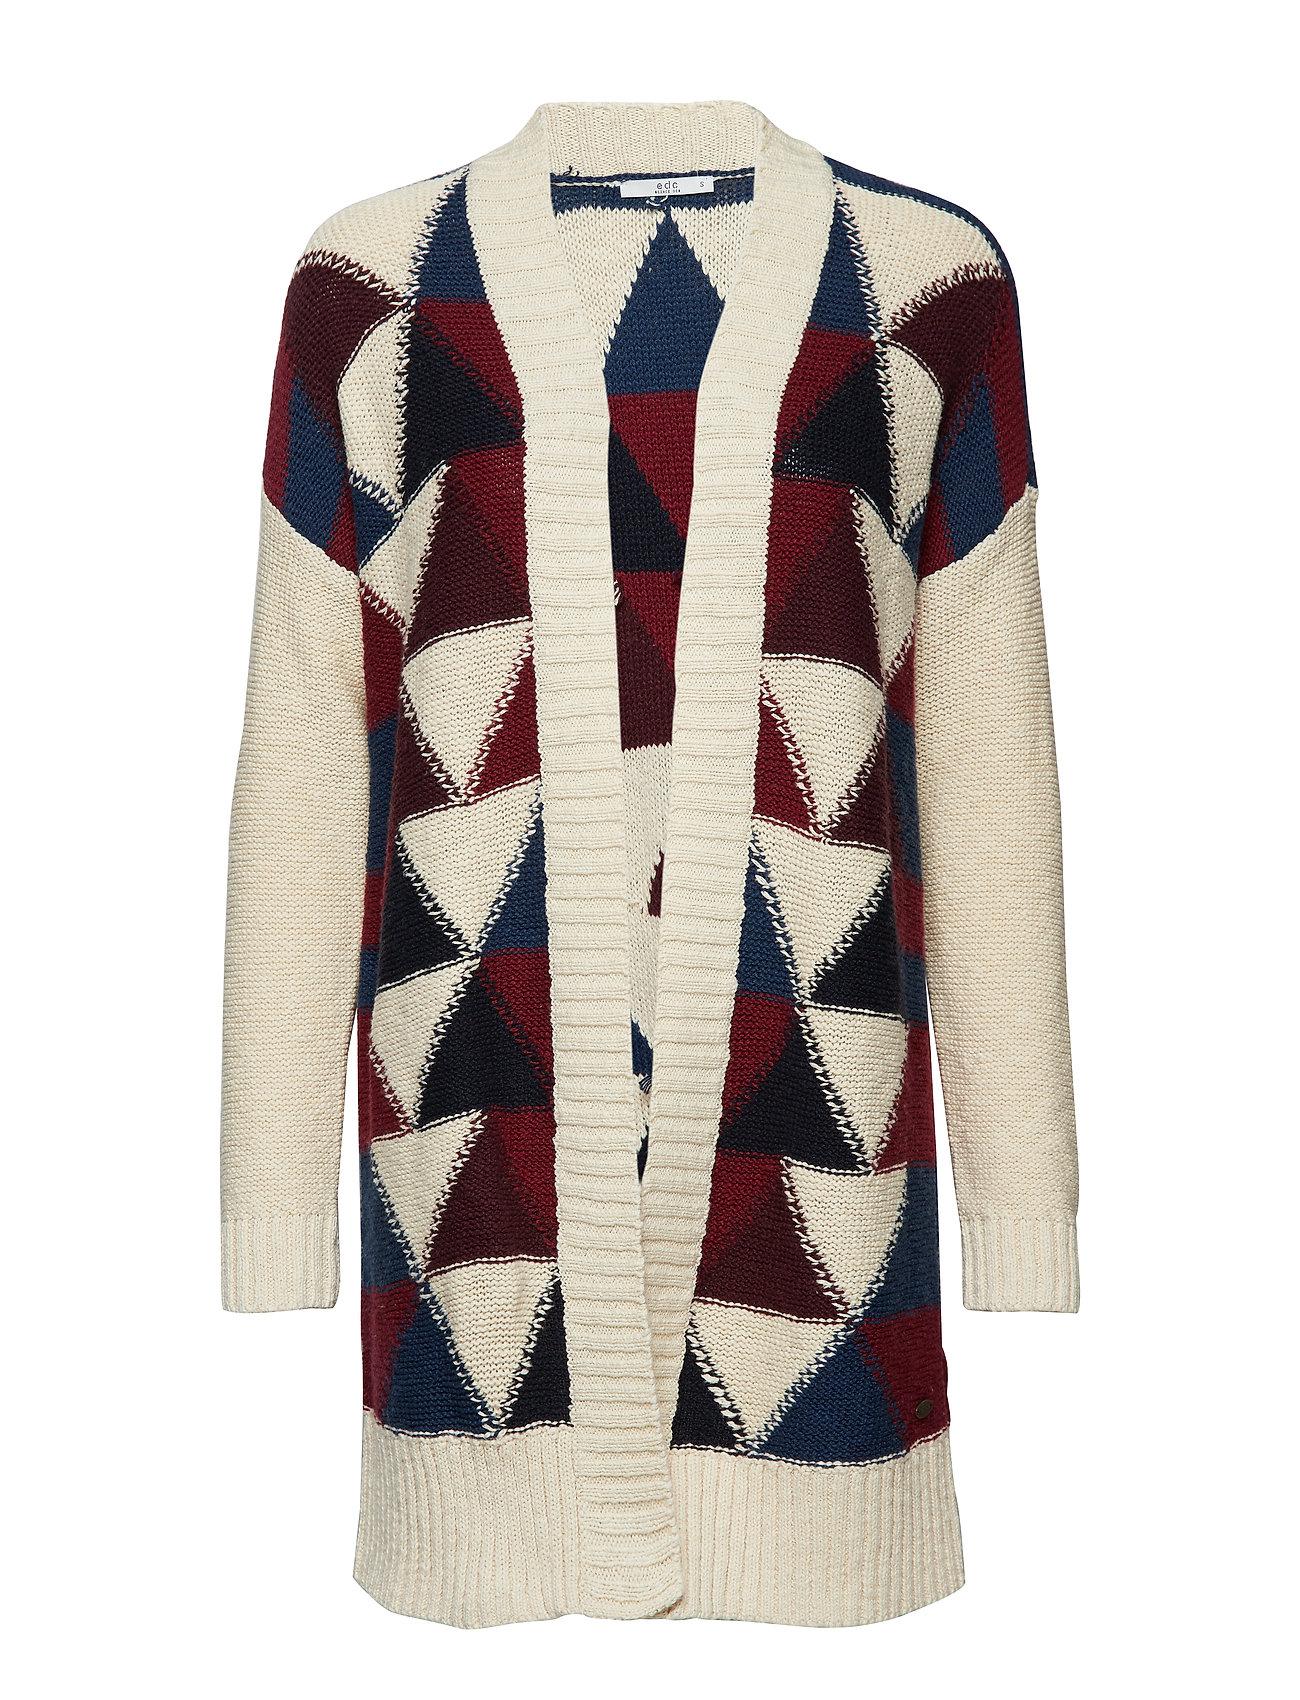 Image of Sweaters Cardigan Strikket Trøje Cardigan Multi/mønstret EDC BY ESPRIT (3099568373)